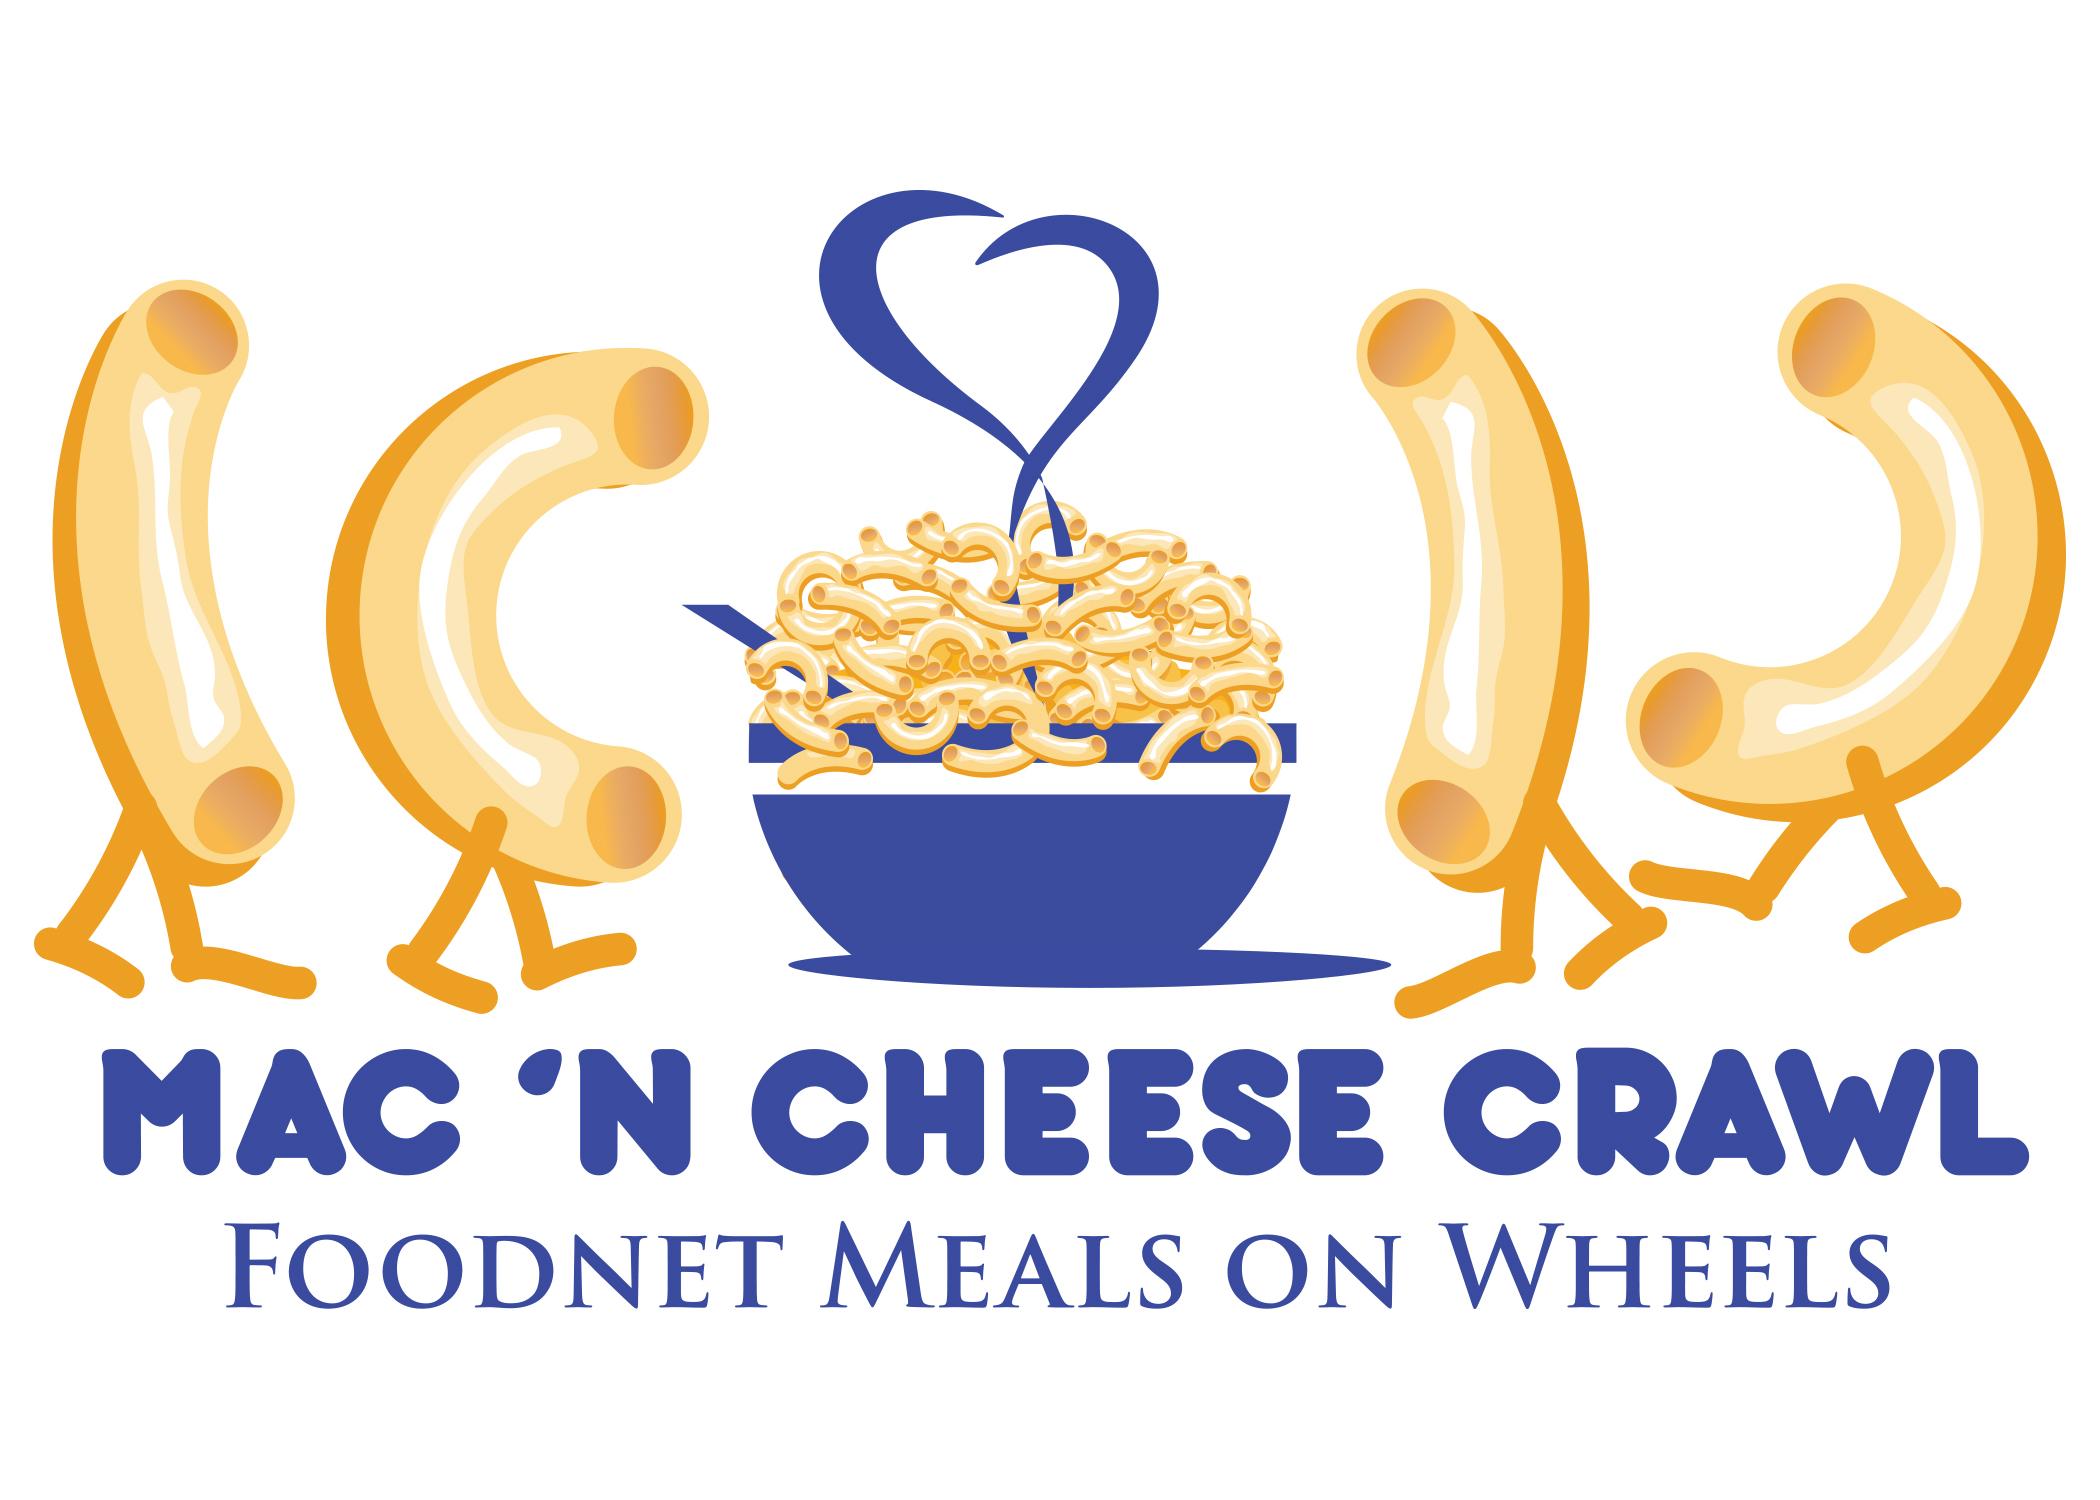 Mac 'n Cheese Crawl 2021